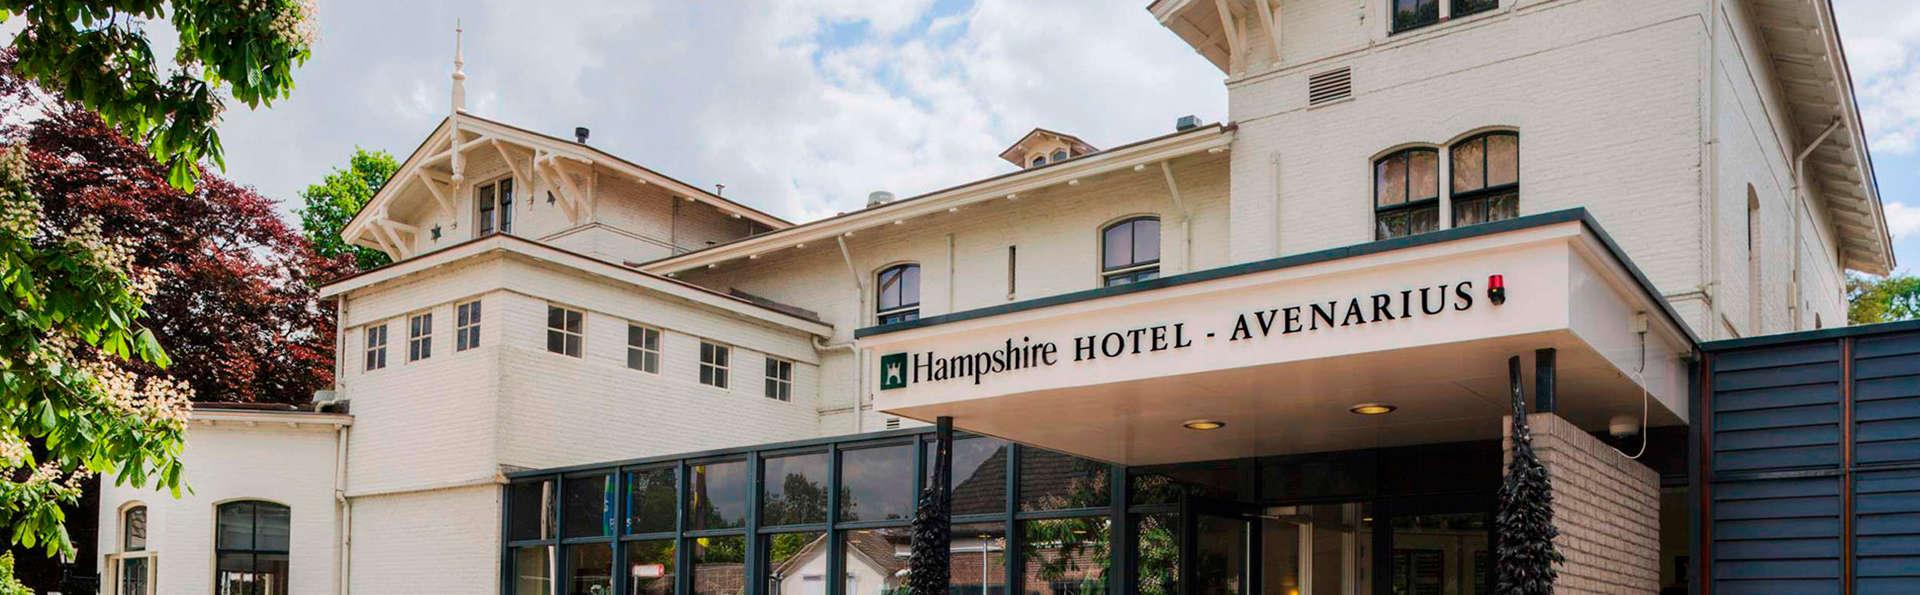 Hampshire Hotel Avenarius - EDIT_front.jpg